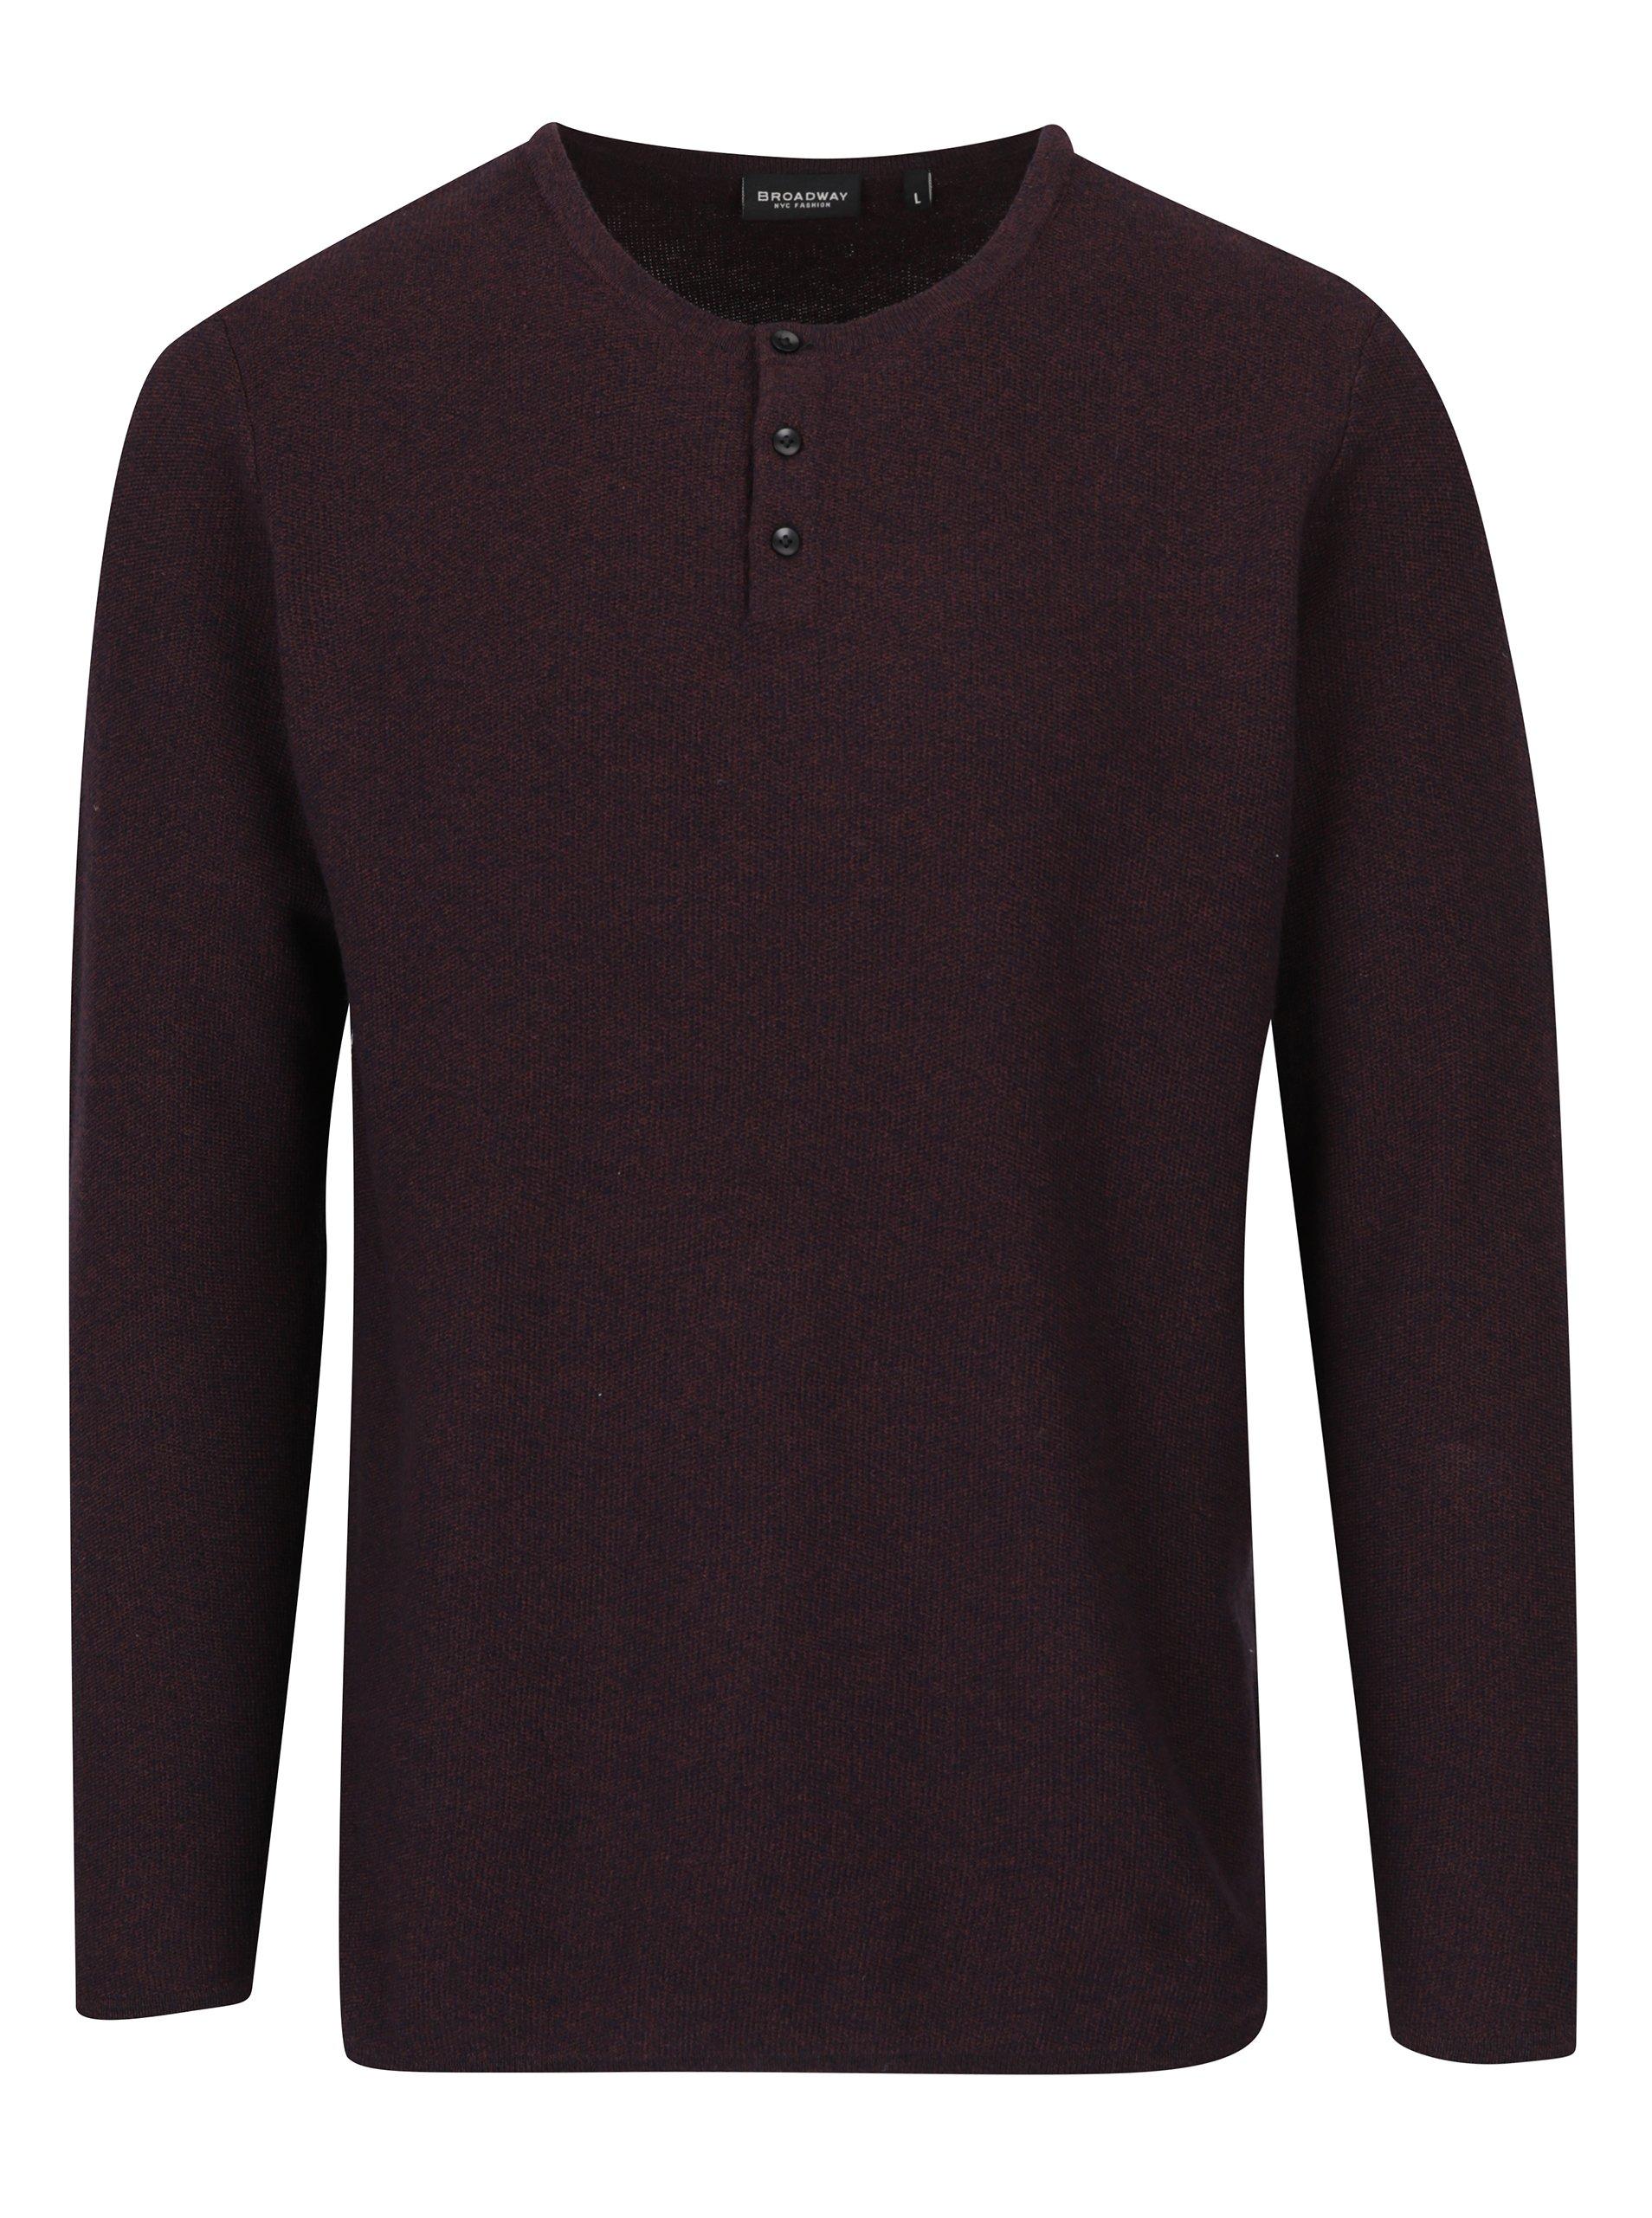 Tmavě fialový pánský žíhaný svetr s knoflíky Broadway Nessim